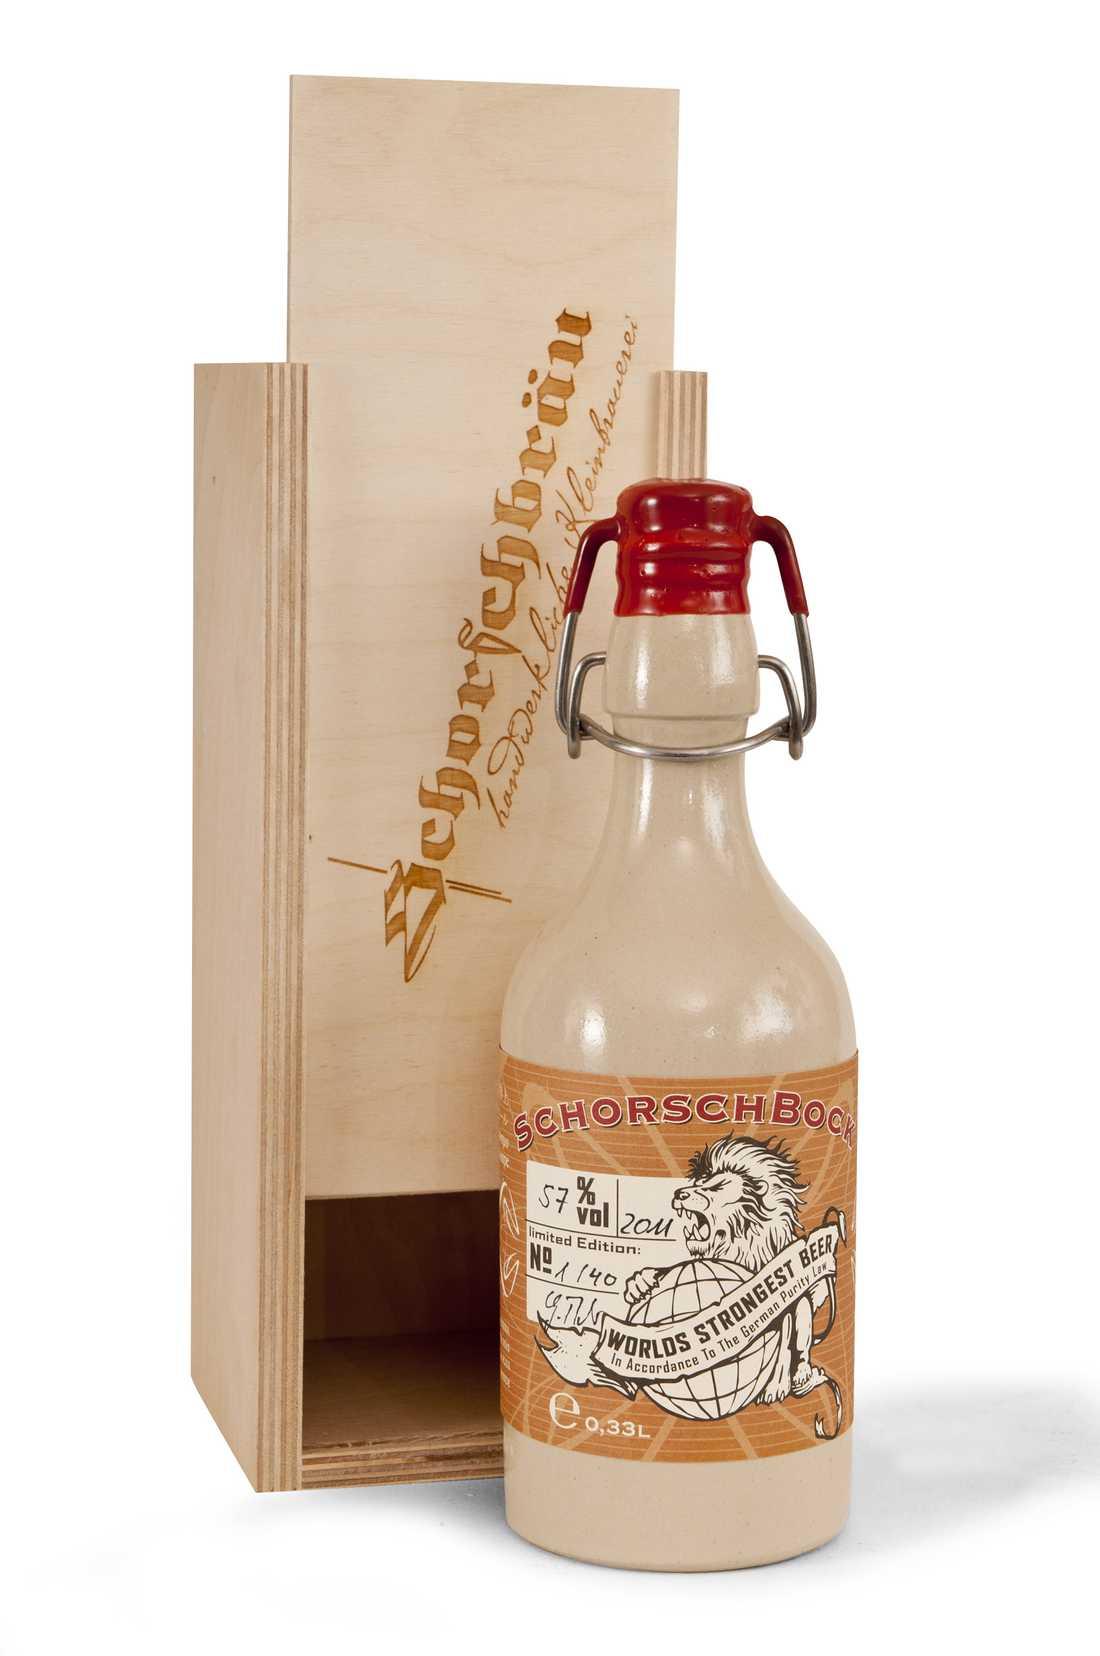 """Ölen """"Schorschbock 57"""" påstås av det tyska bryggeriet vara världens starkaste."""